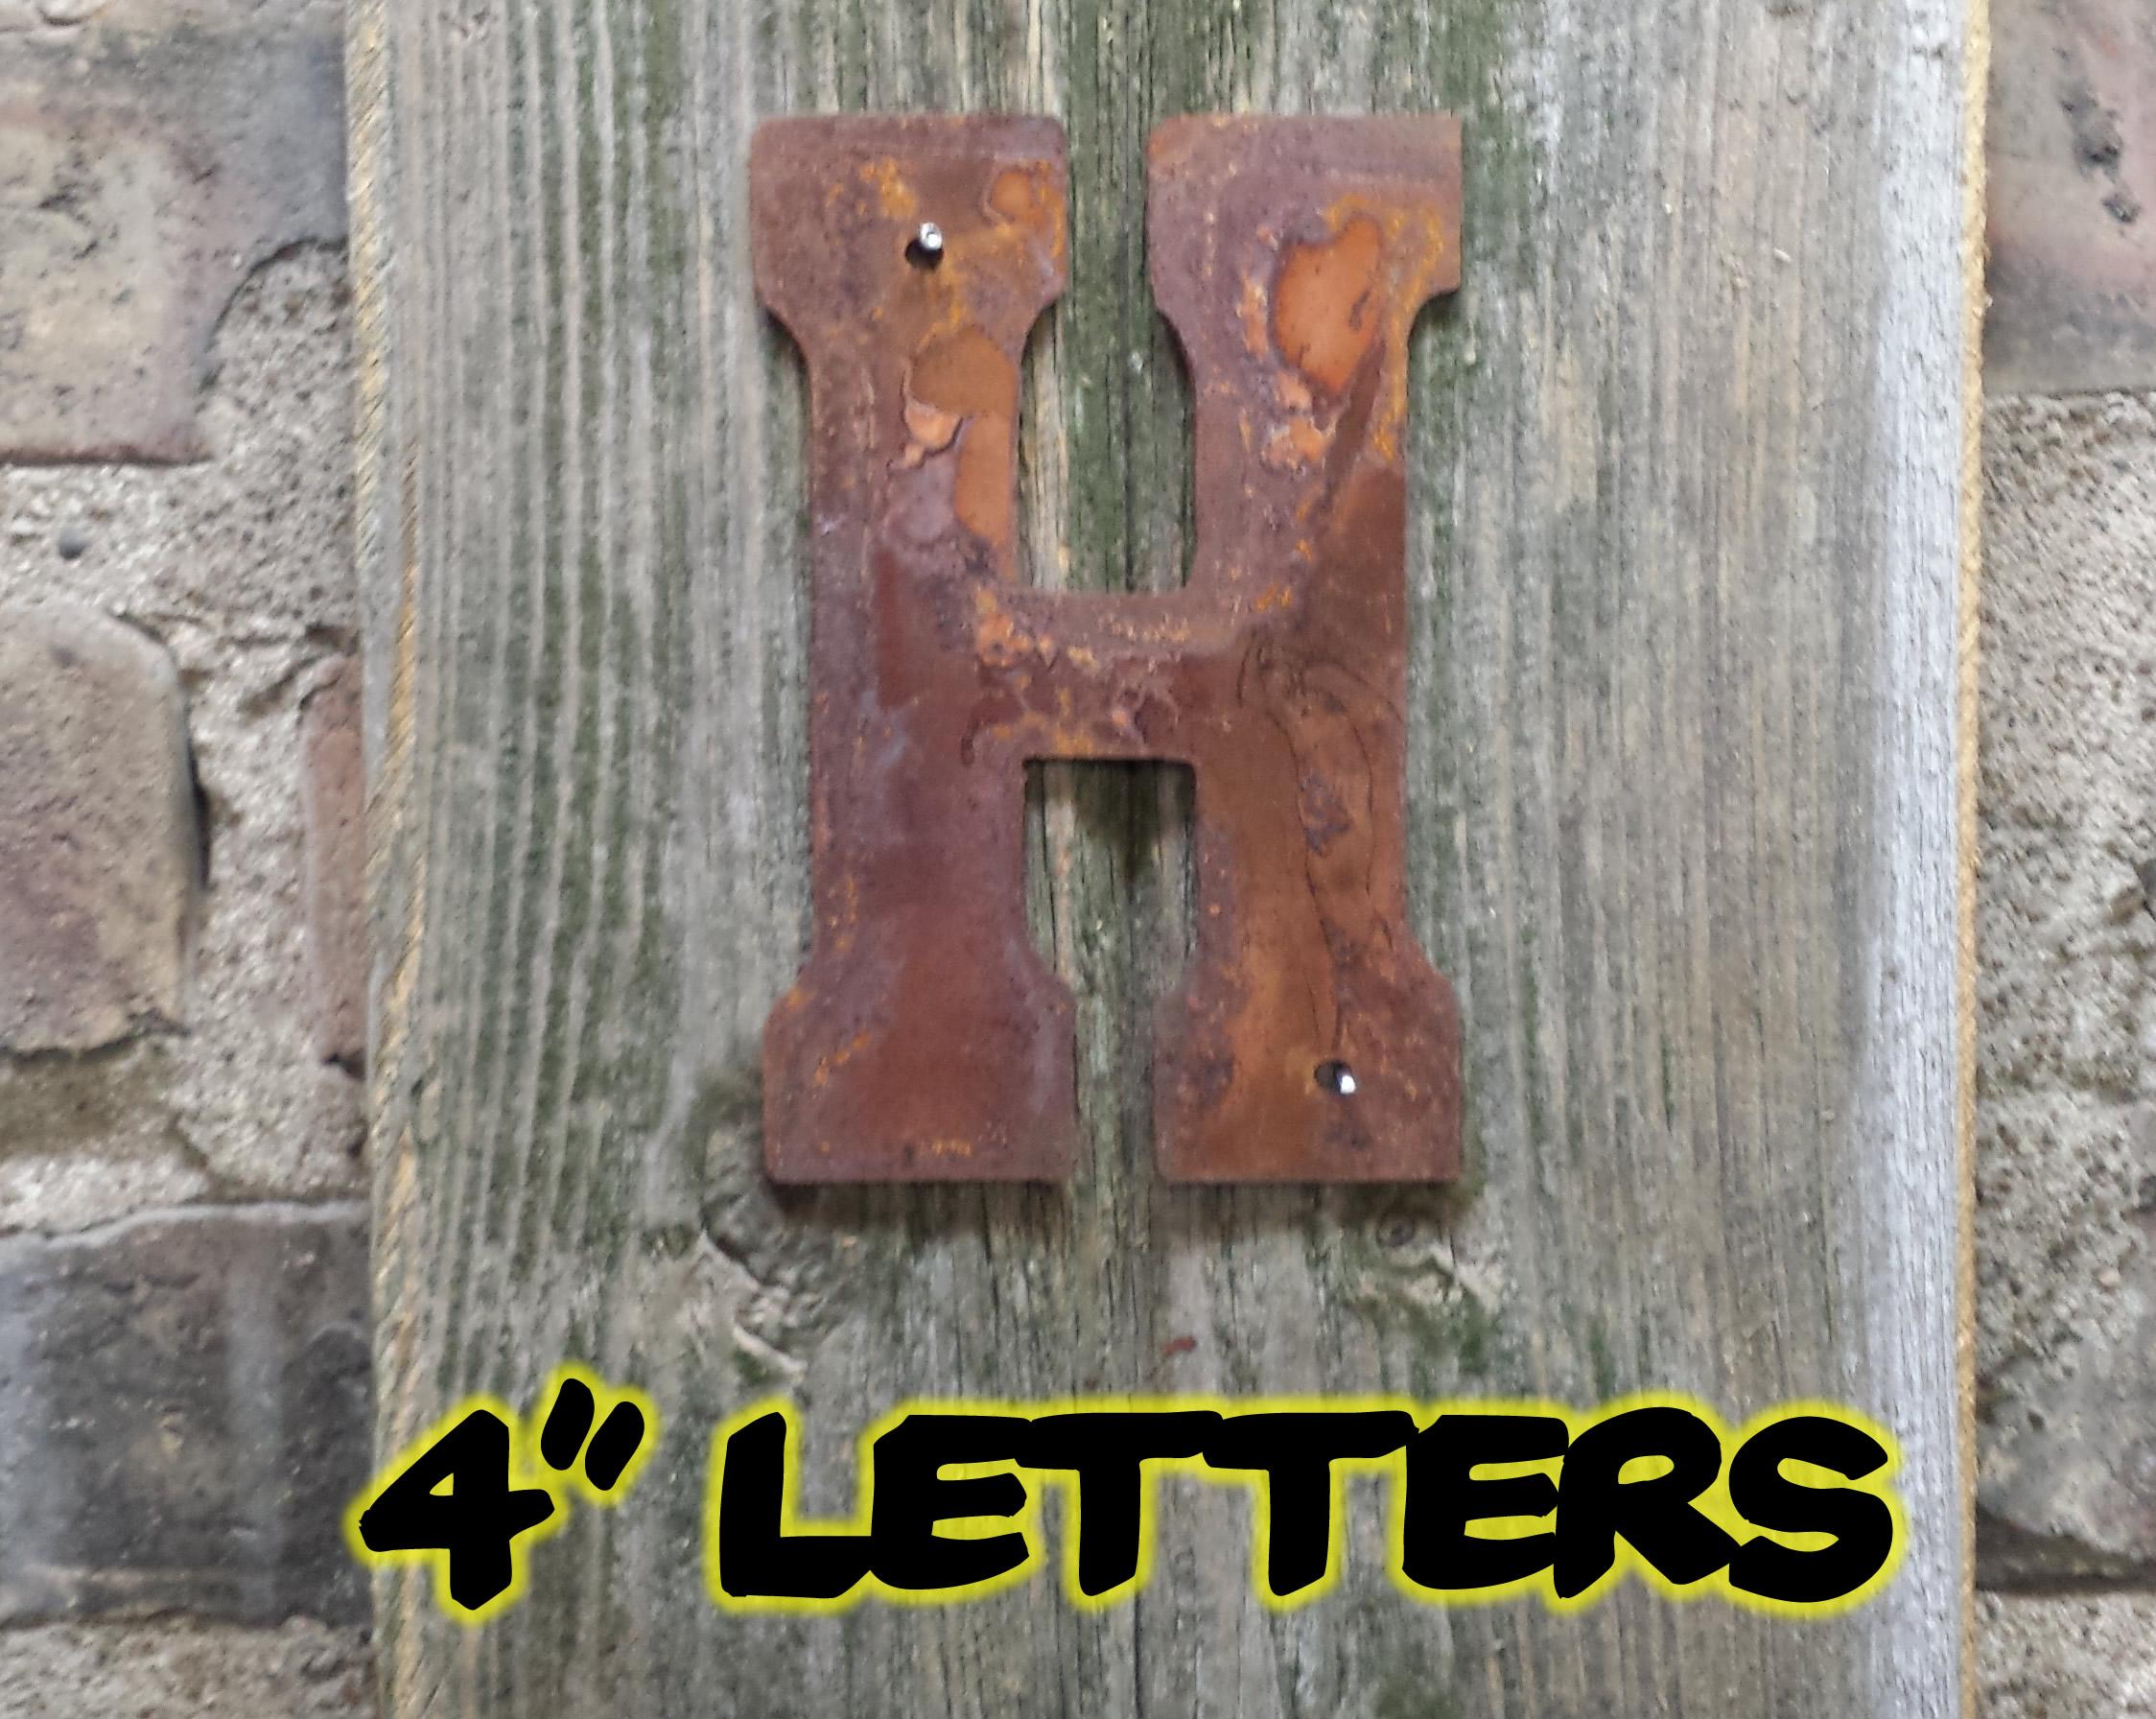 Flat rusty 4 letters